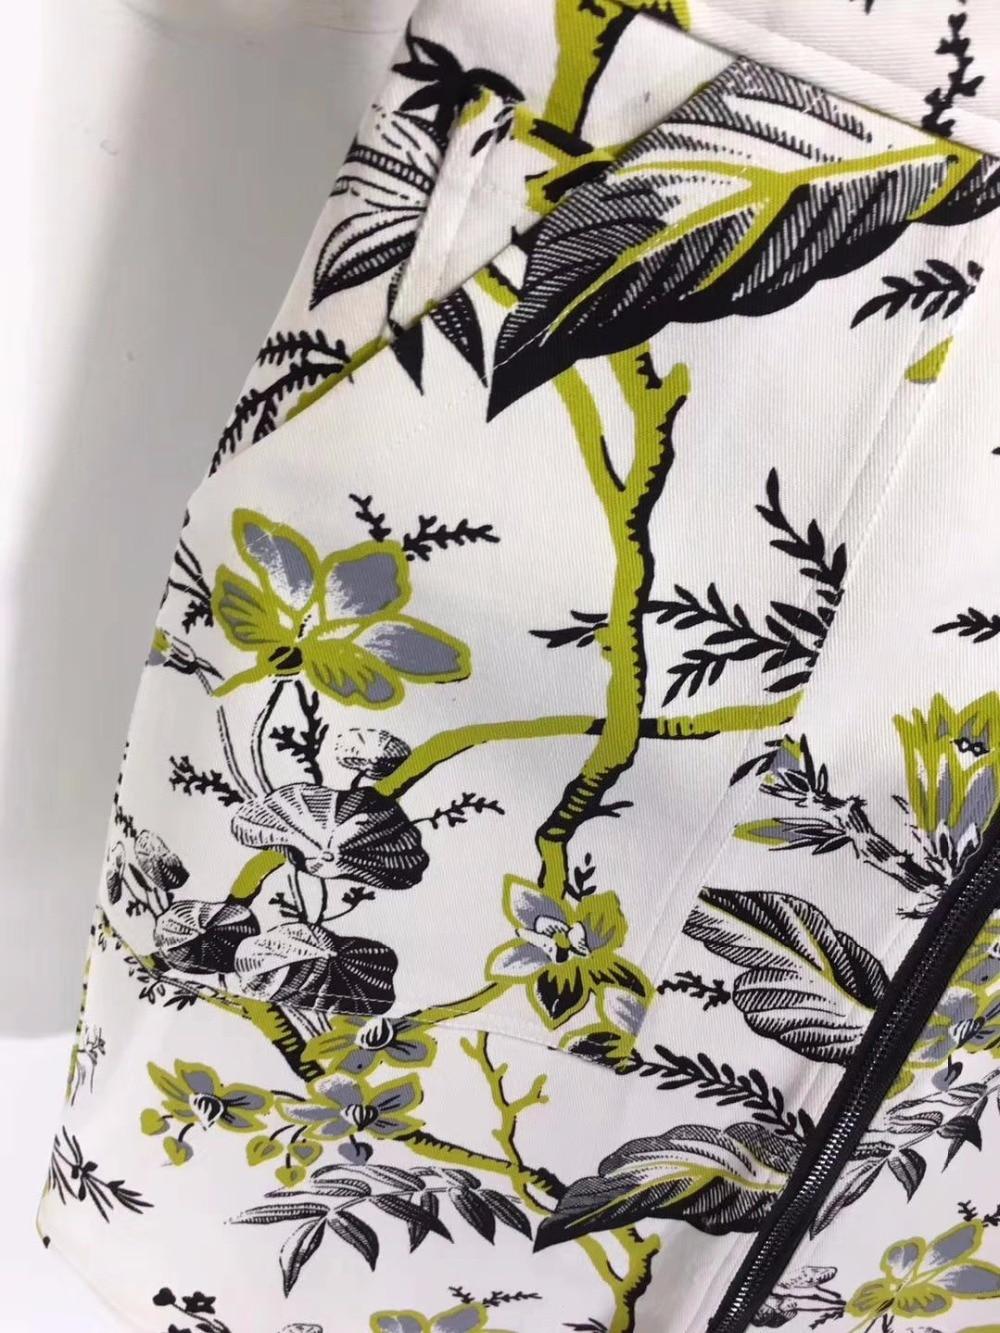 Faldas Falda Ropa Le Harajuku Vintage Moda Boho Denim Mujeres Simple Jeans Streetwear Impresión Palais Las Para Floral SqxwnaU0